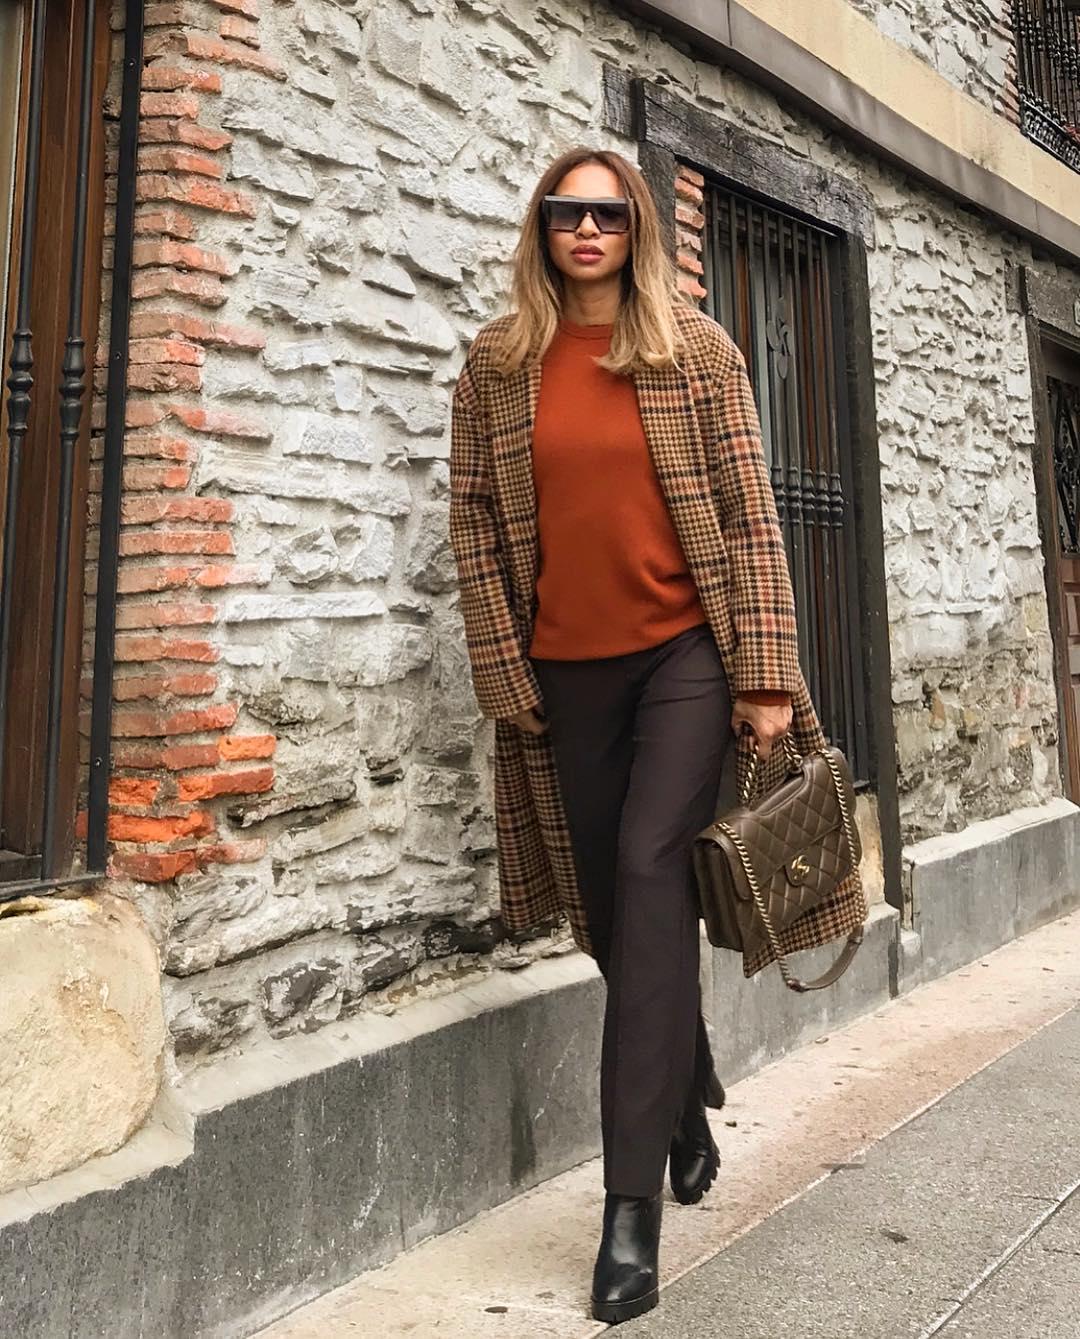 модные образы для деловых женщин осени 2019 фото 9